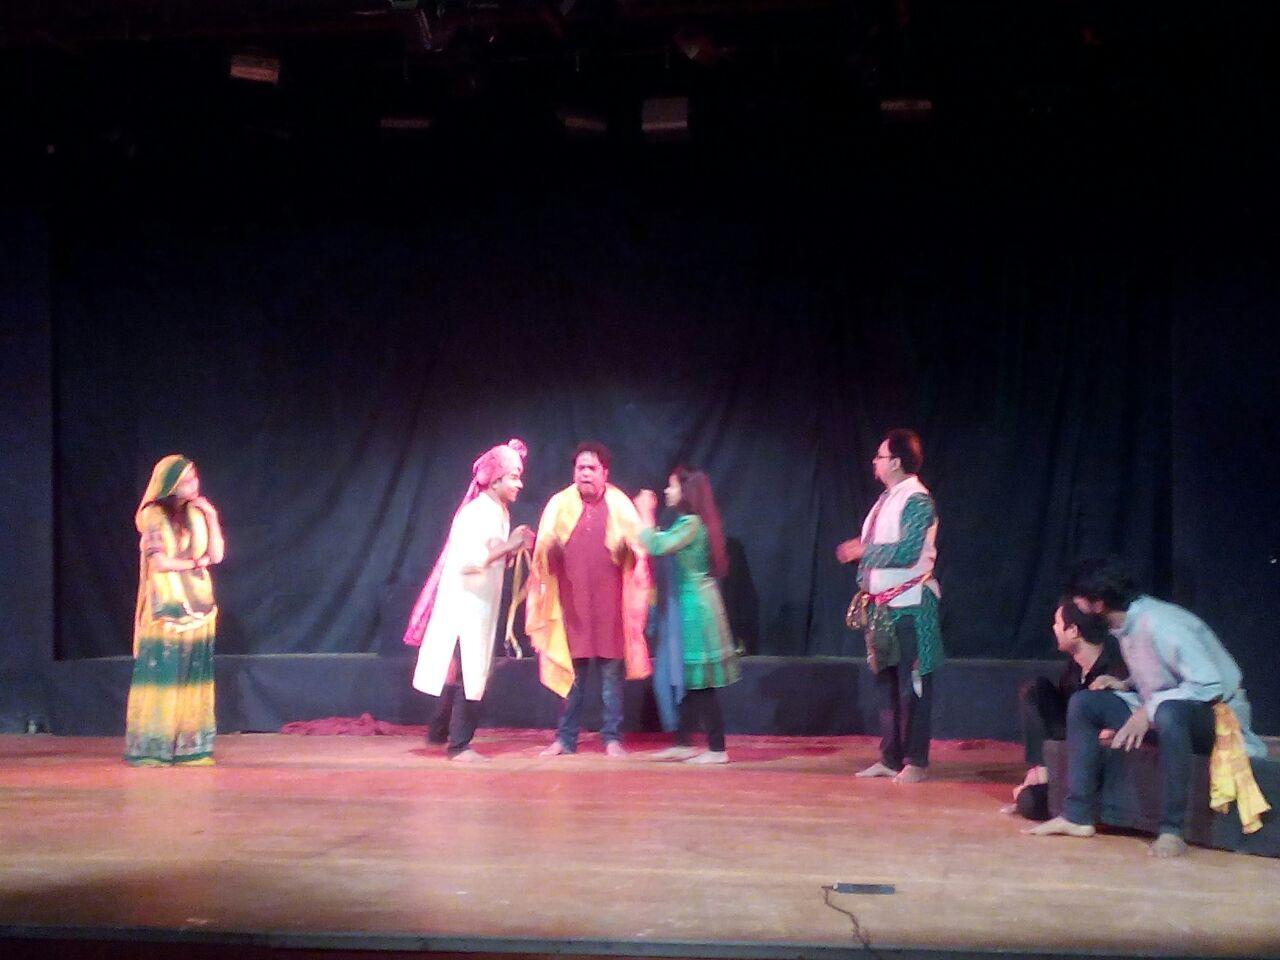 """'Honor Killing' जैसे गम्भीर विषय को नाटक """"पुकार"""" के रूप में दिखाया, शिल्पग्राम की रंगशाला में!"""